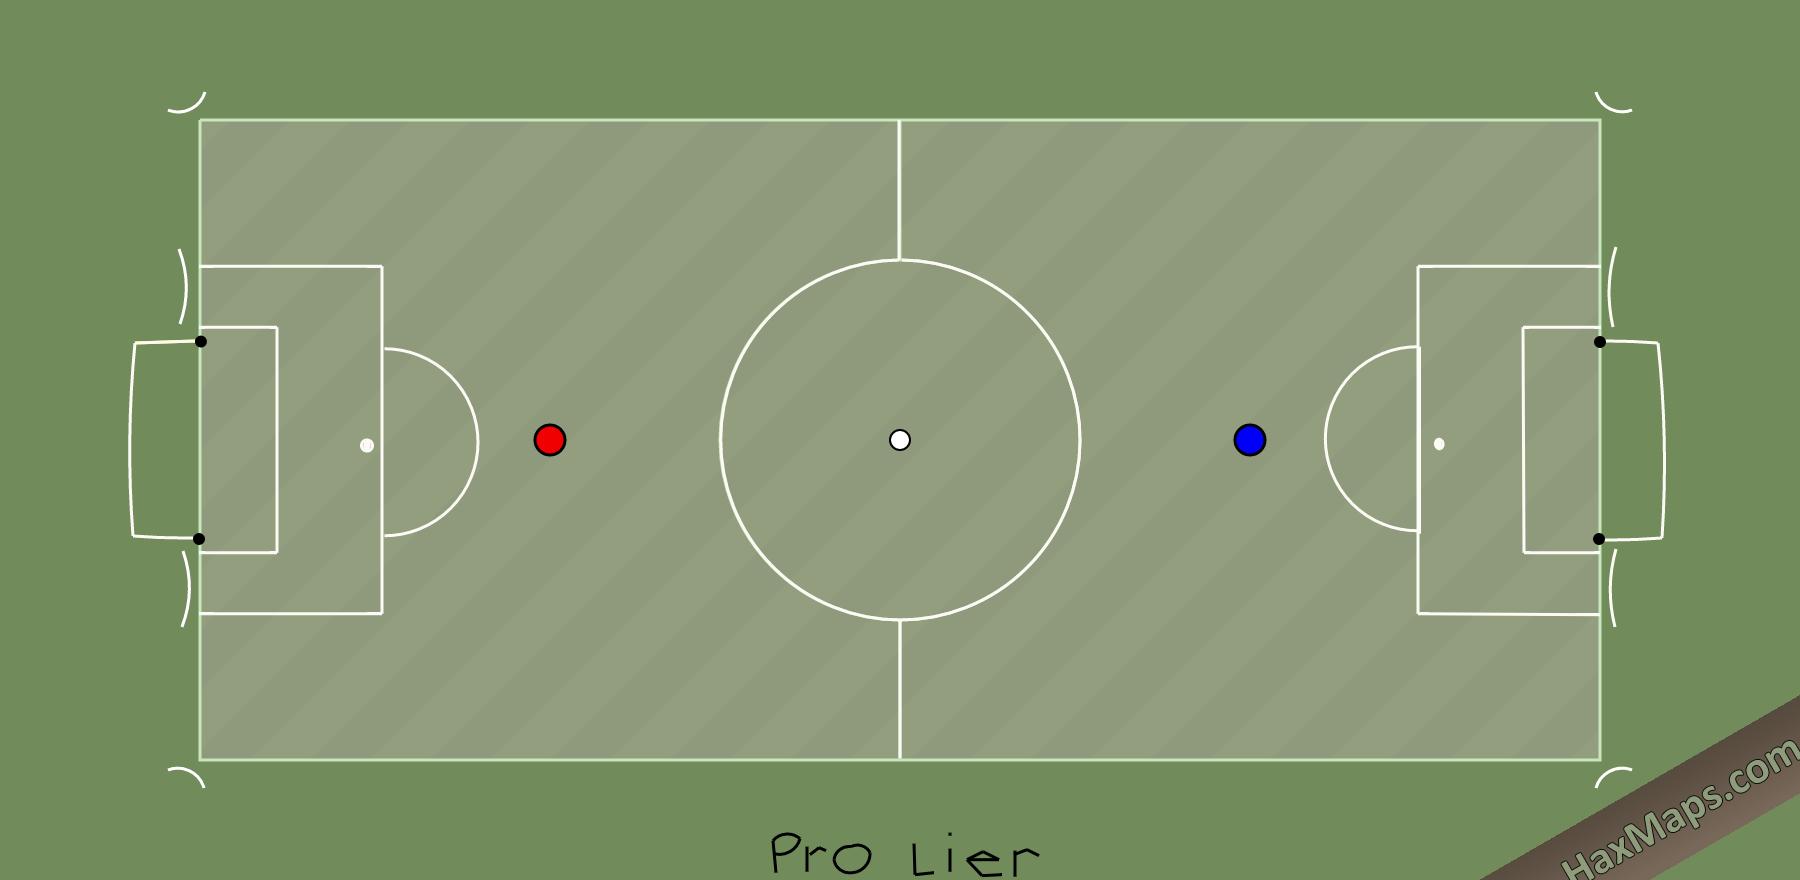 hax ball maps | Duvarsız Real 3 v 3 Cım Saha ProLier